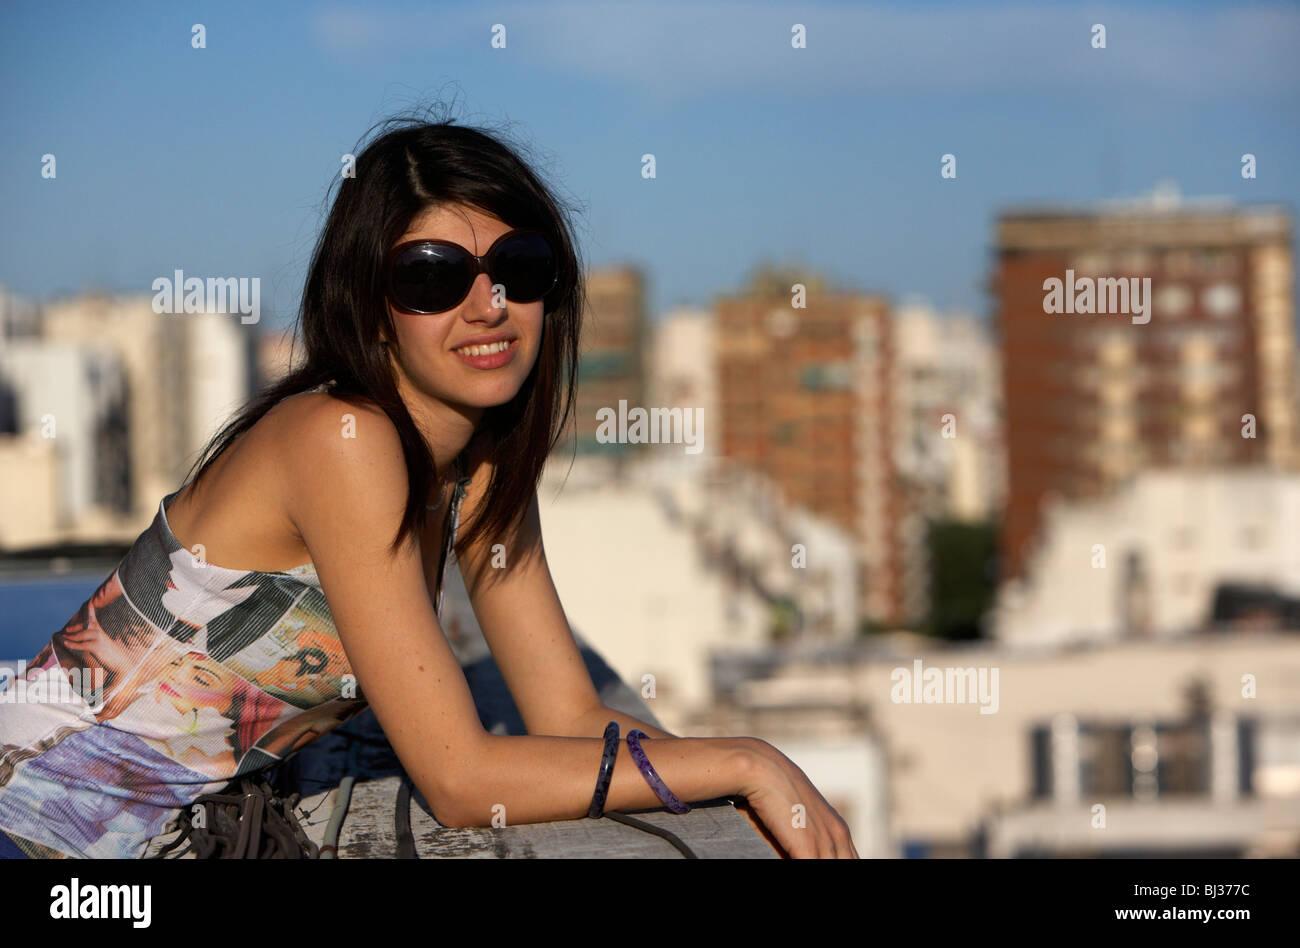 Joven Mujer latina hispana relajado en la terraza del tejado inclinado mirando a la cámara en buenos aires Imagen De Stock